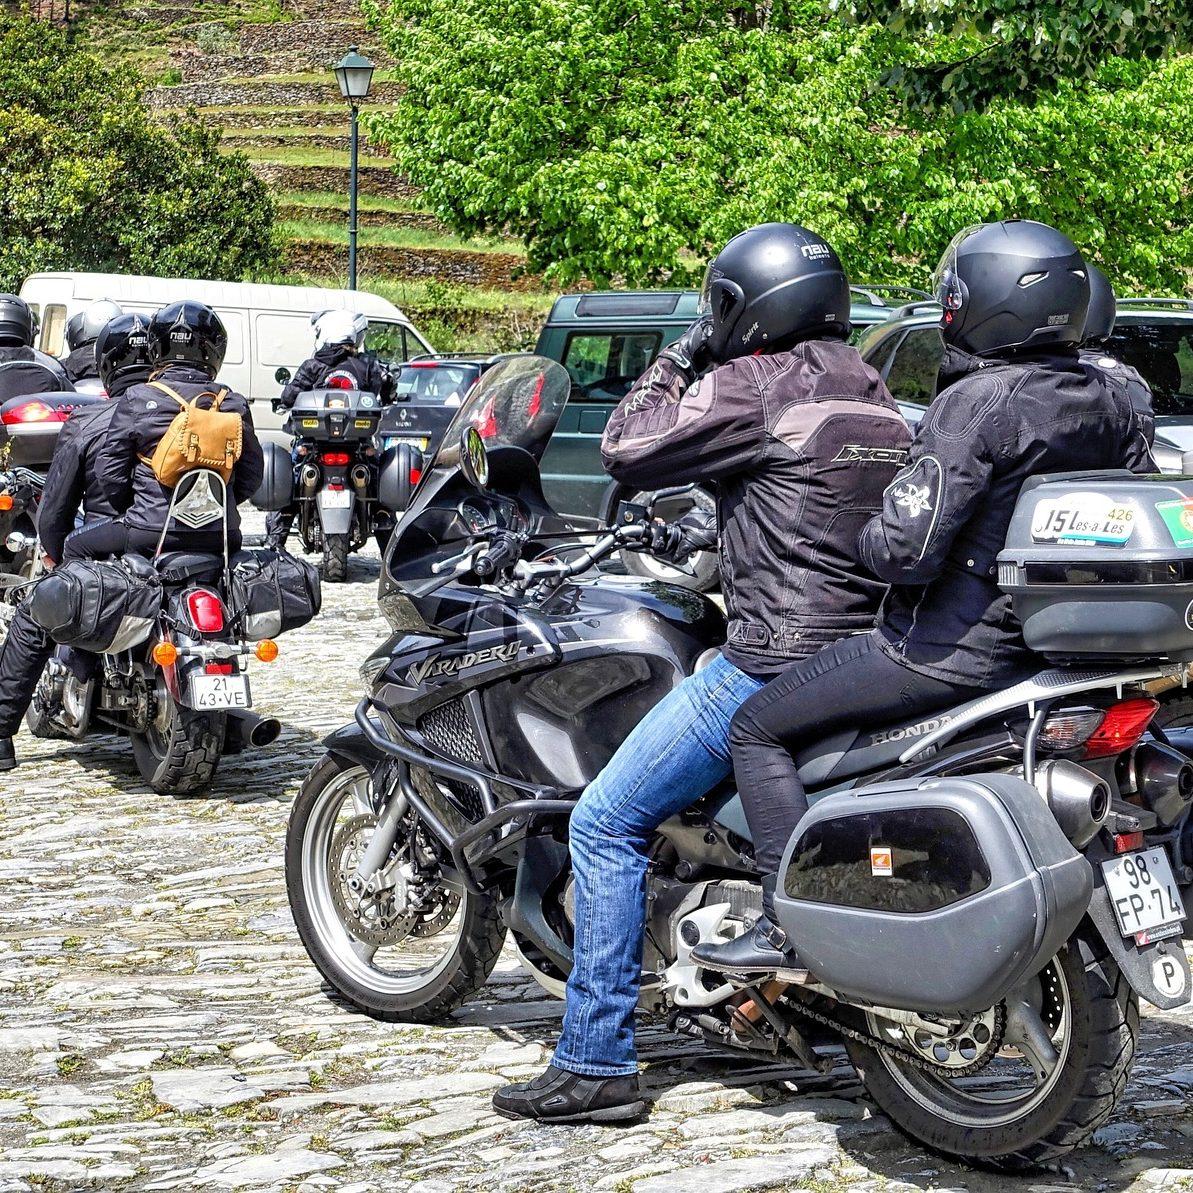 Motocyklem w poszukiwaniu osobliwości Sudetów... obrazek